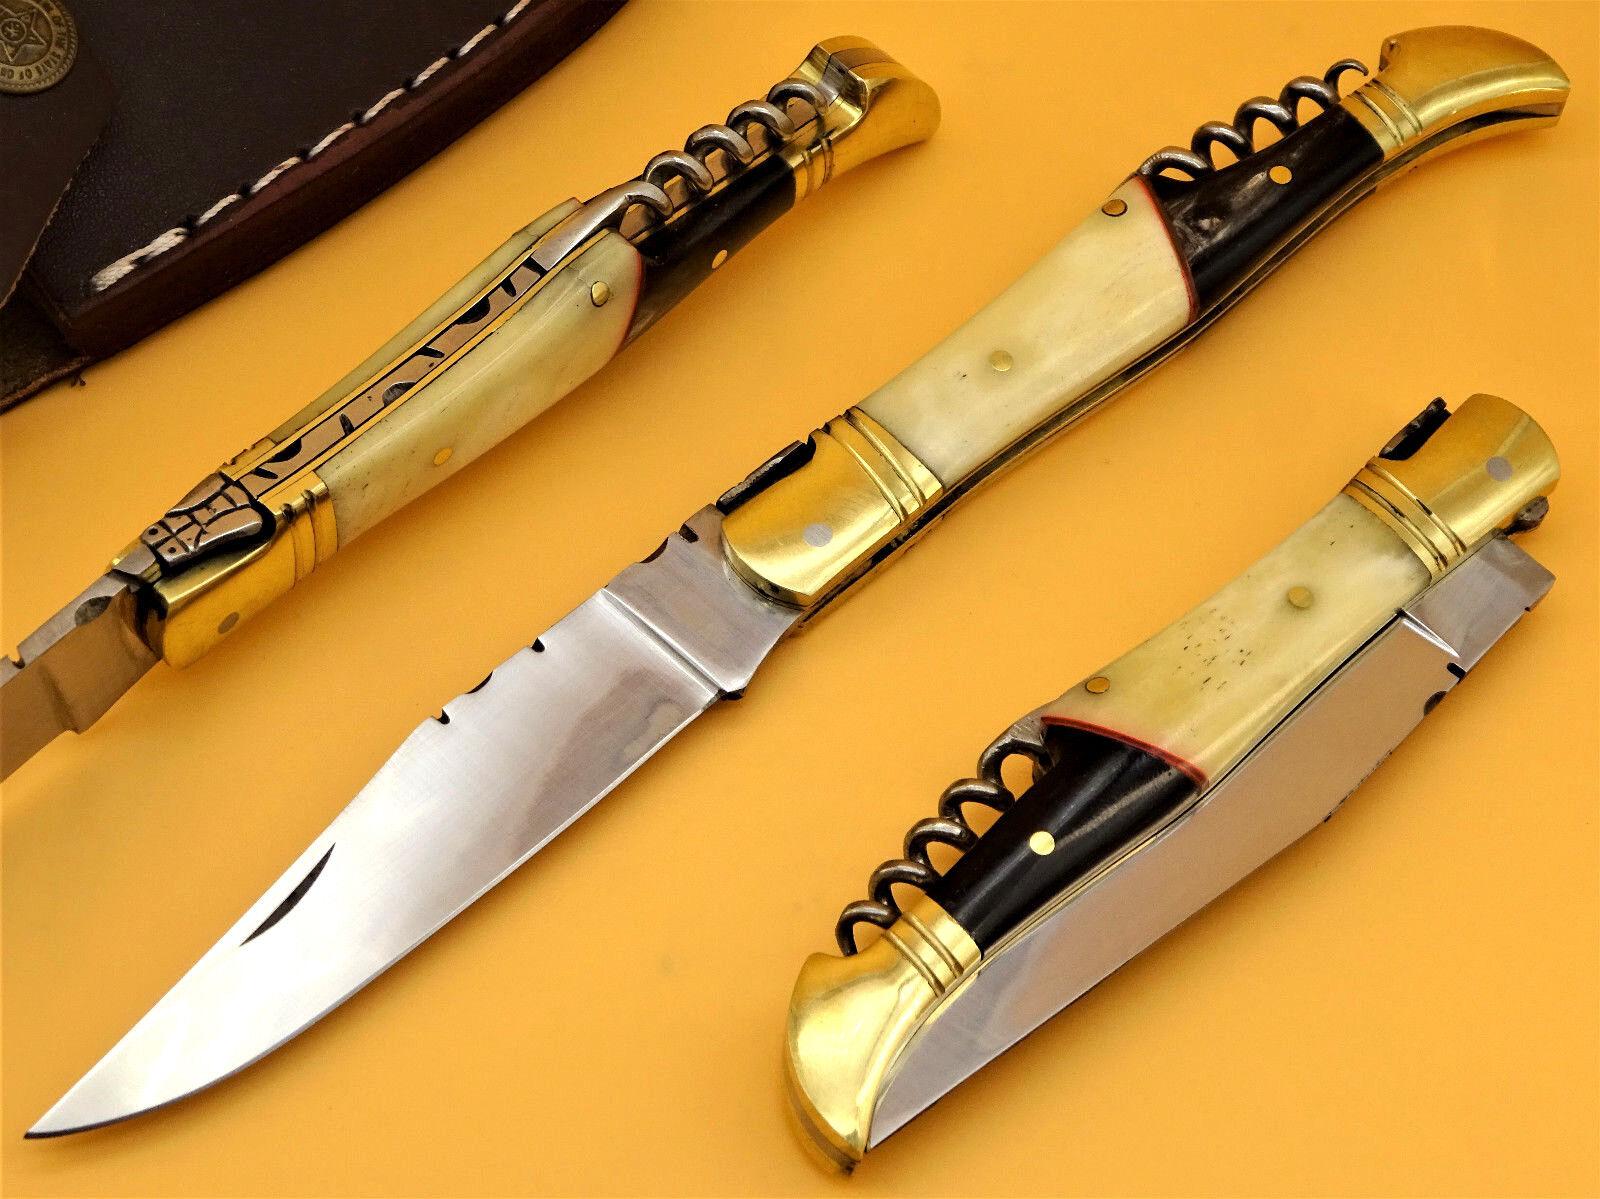 Couteau de Poche Laguiole Laguiole Laguiole Couteau de poche couteau pliant laguiolmesser couteau de chasse (rv3) 8035aa